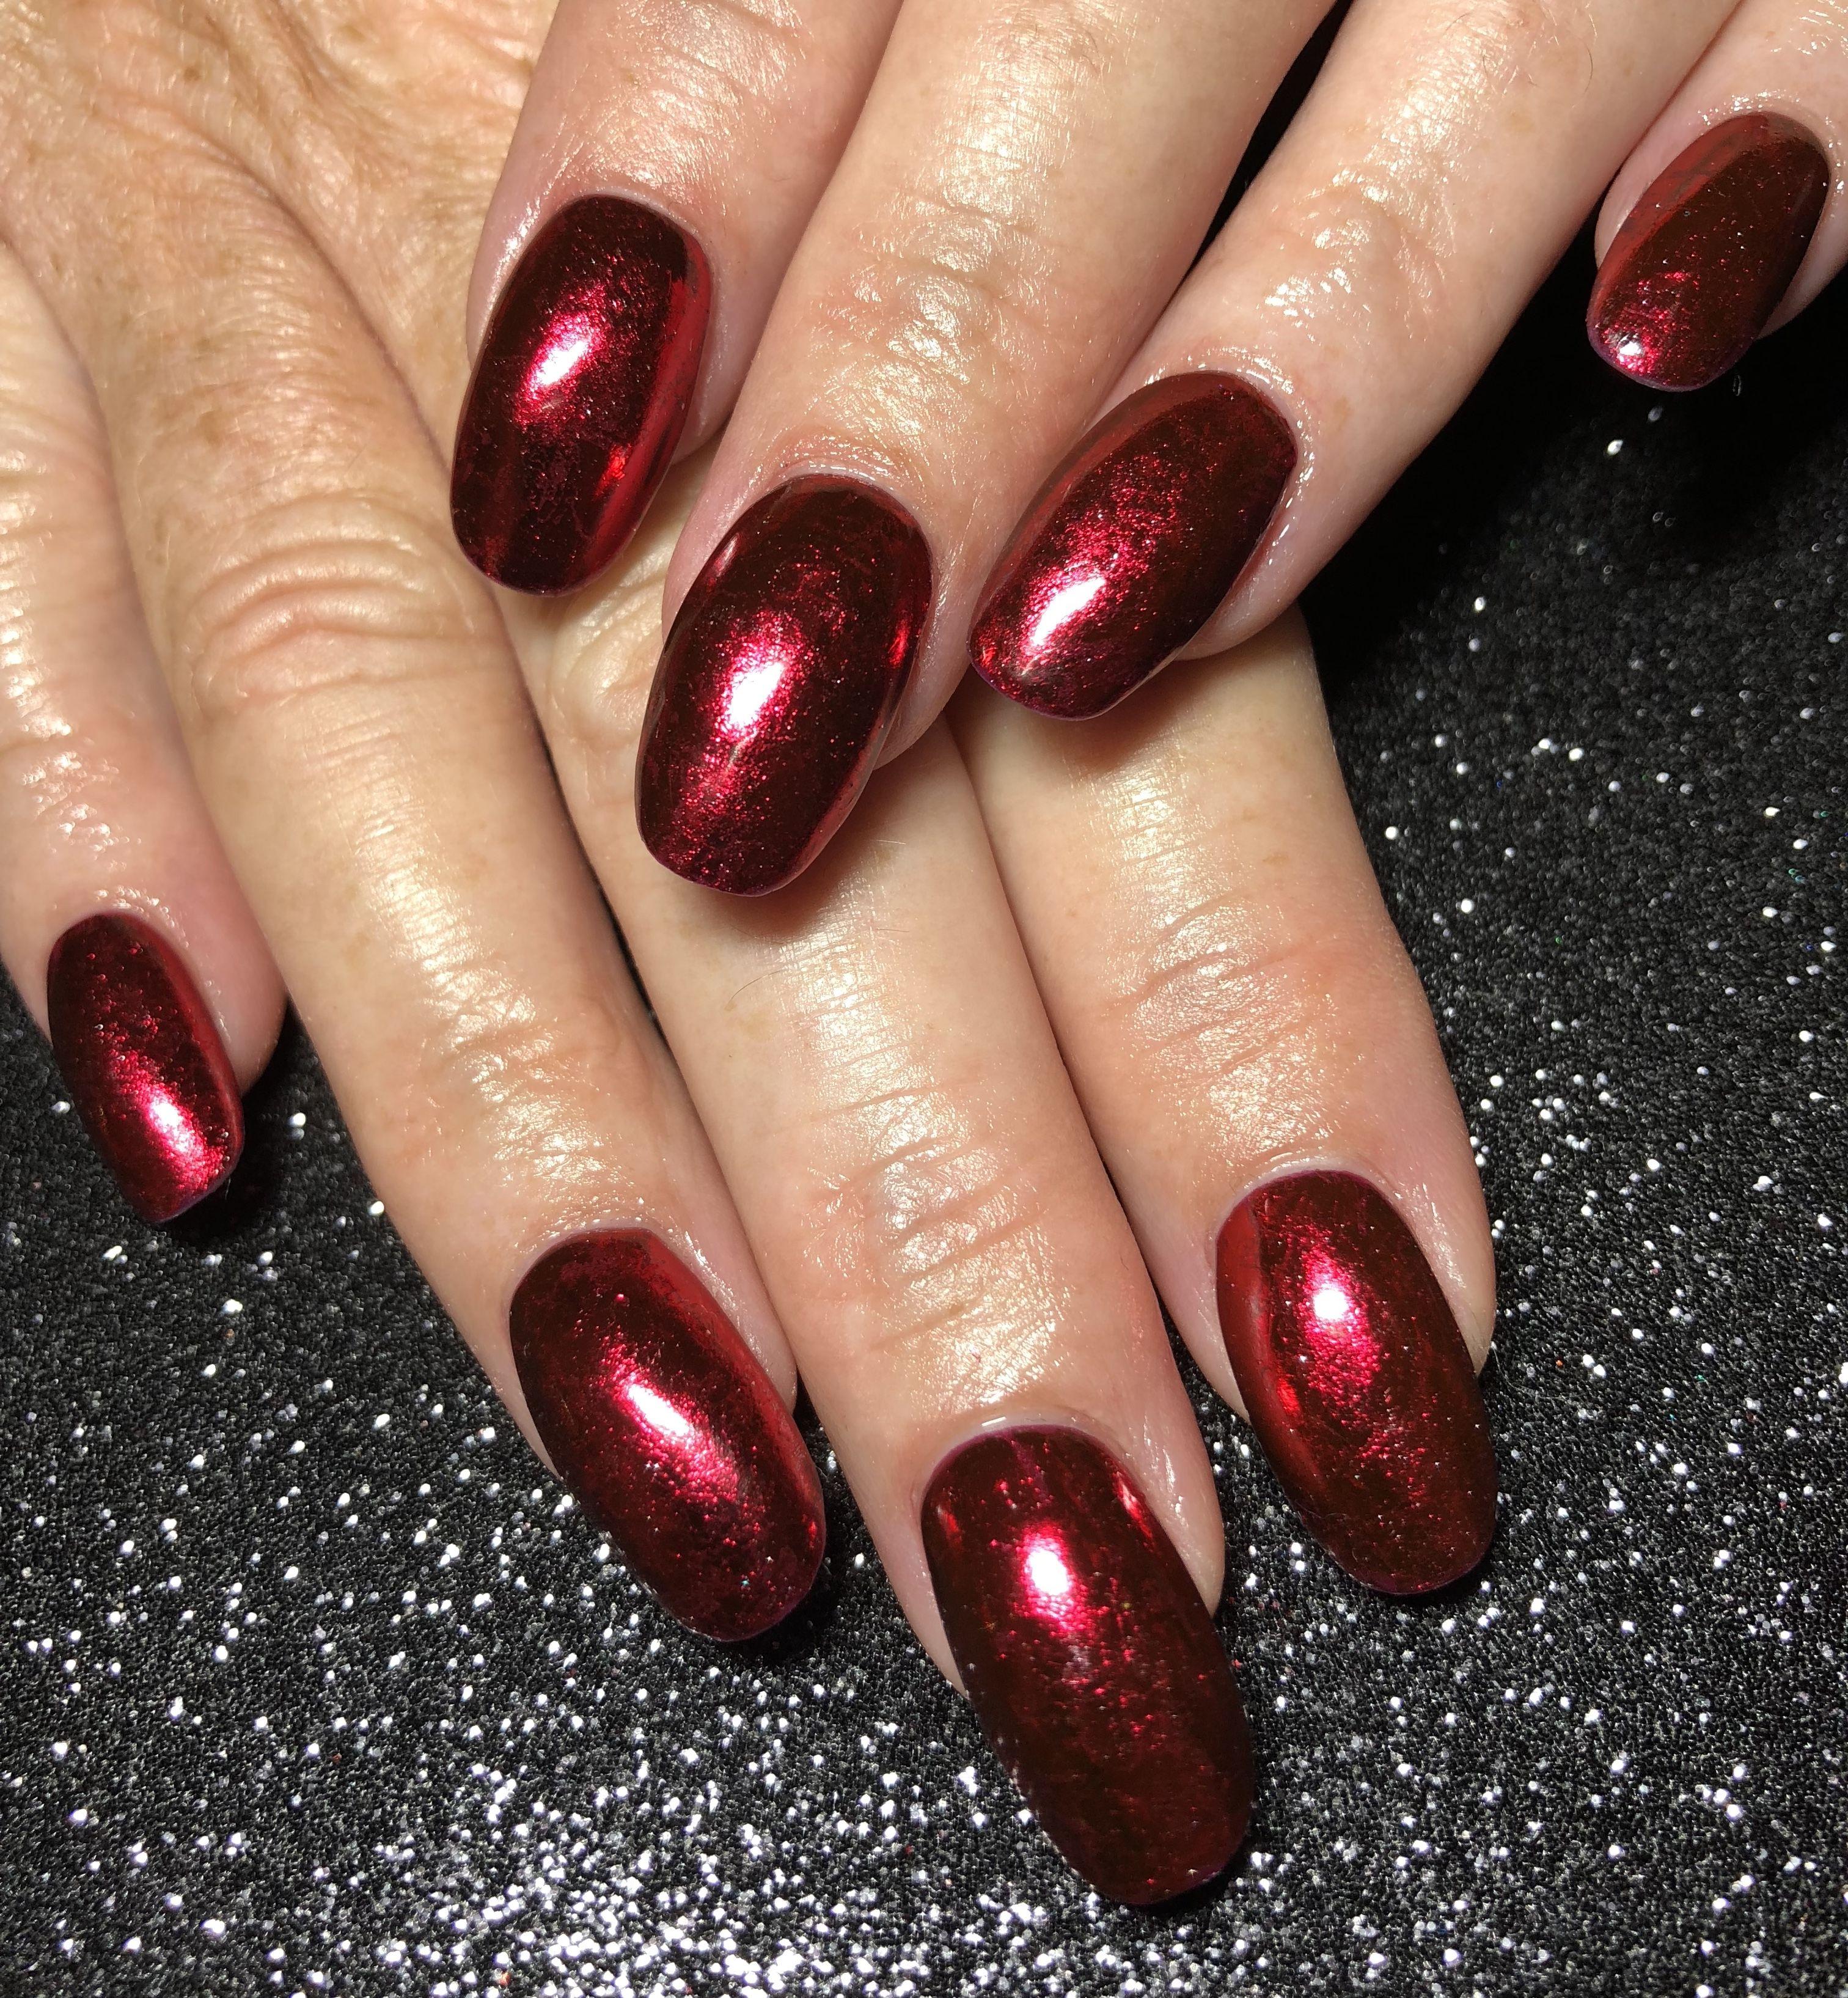 #cnd #cndshellac #nails #nailinspiration #shellac # ...